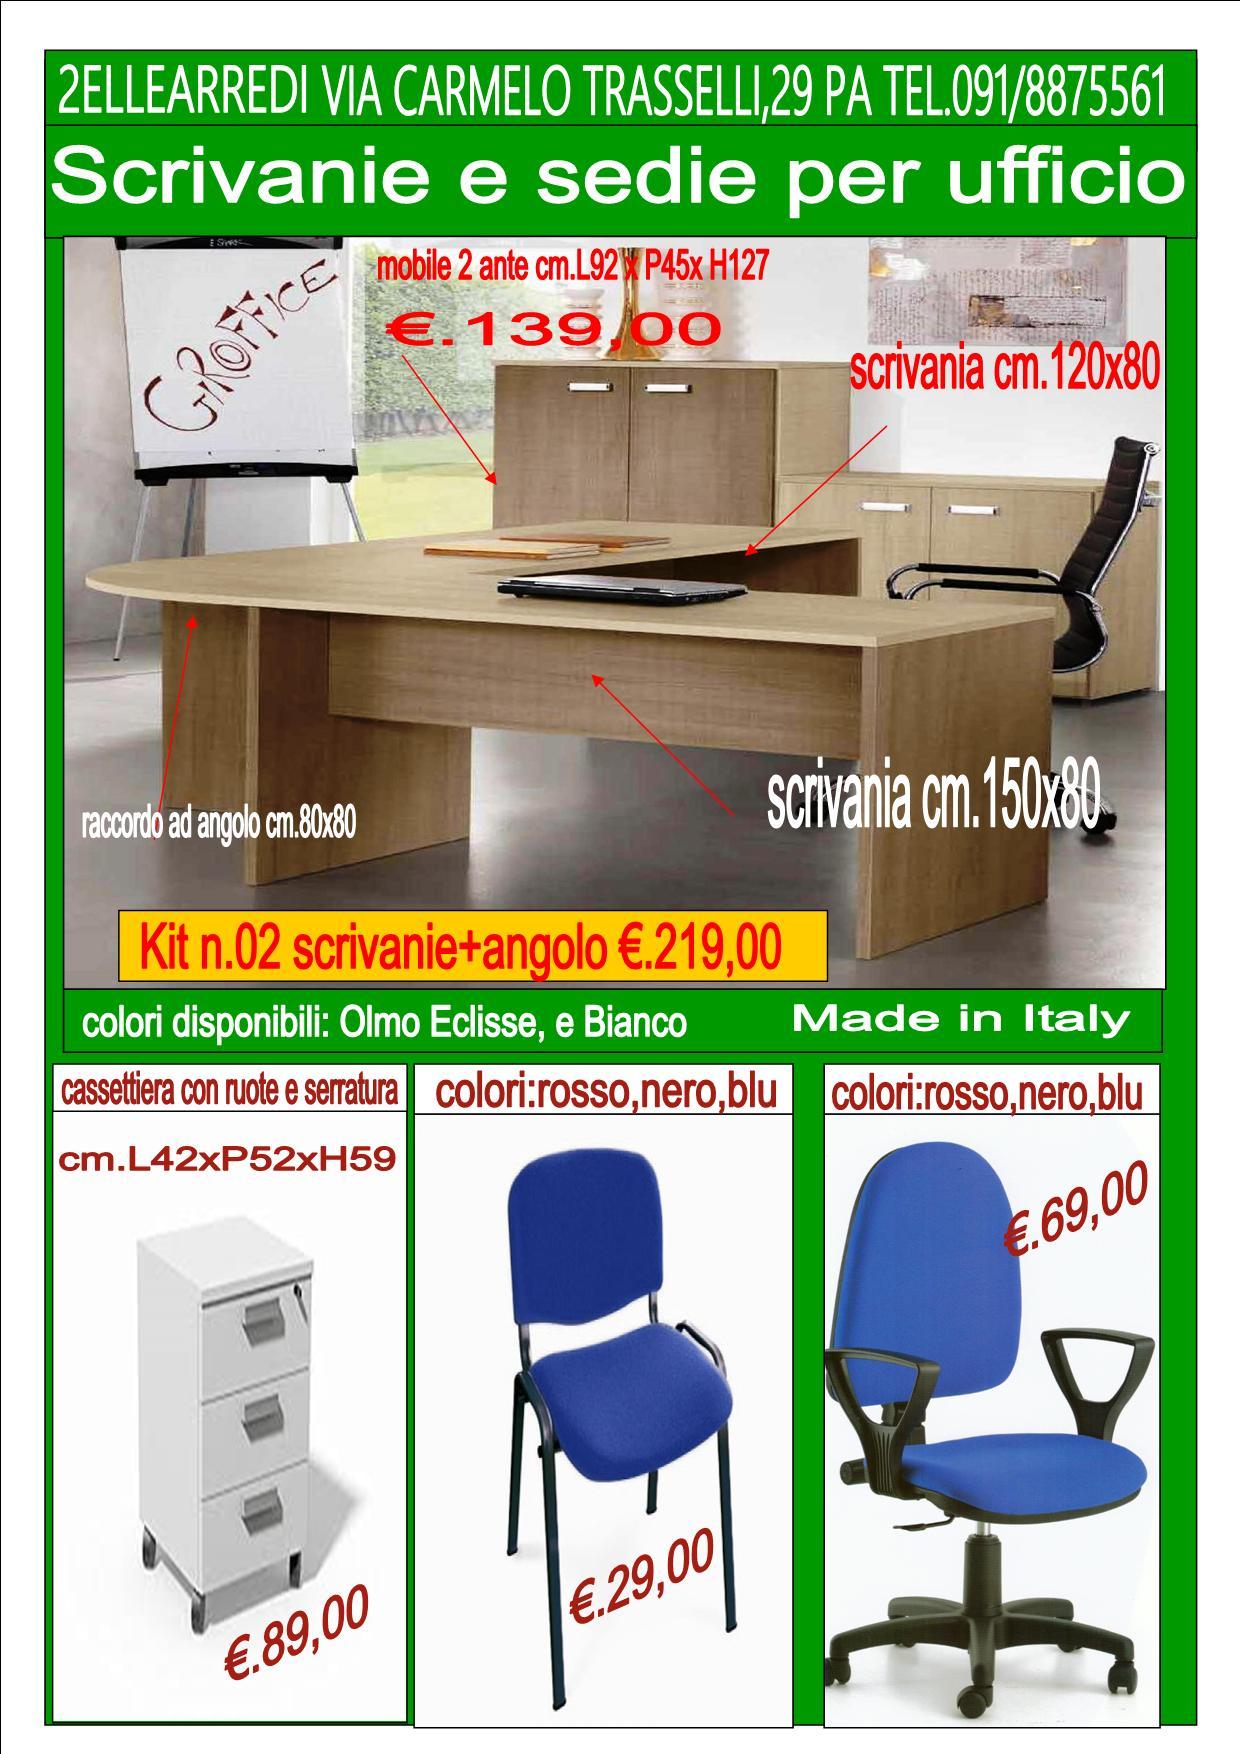 scrivanie e sedie per ufficio | 2ellearredi.it